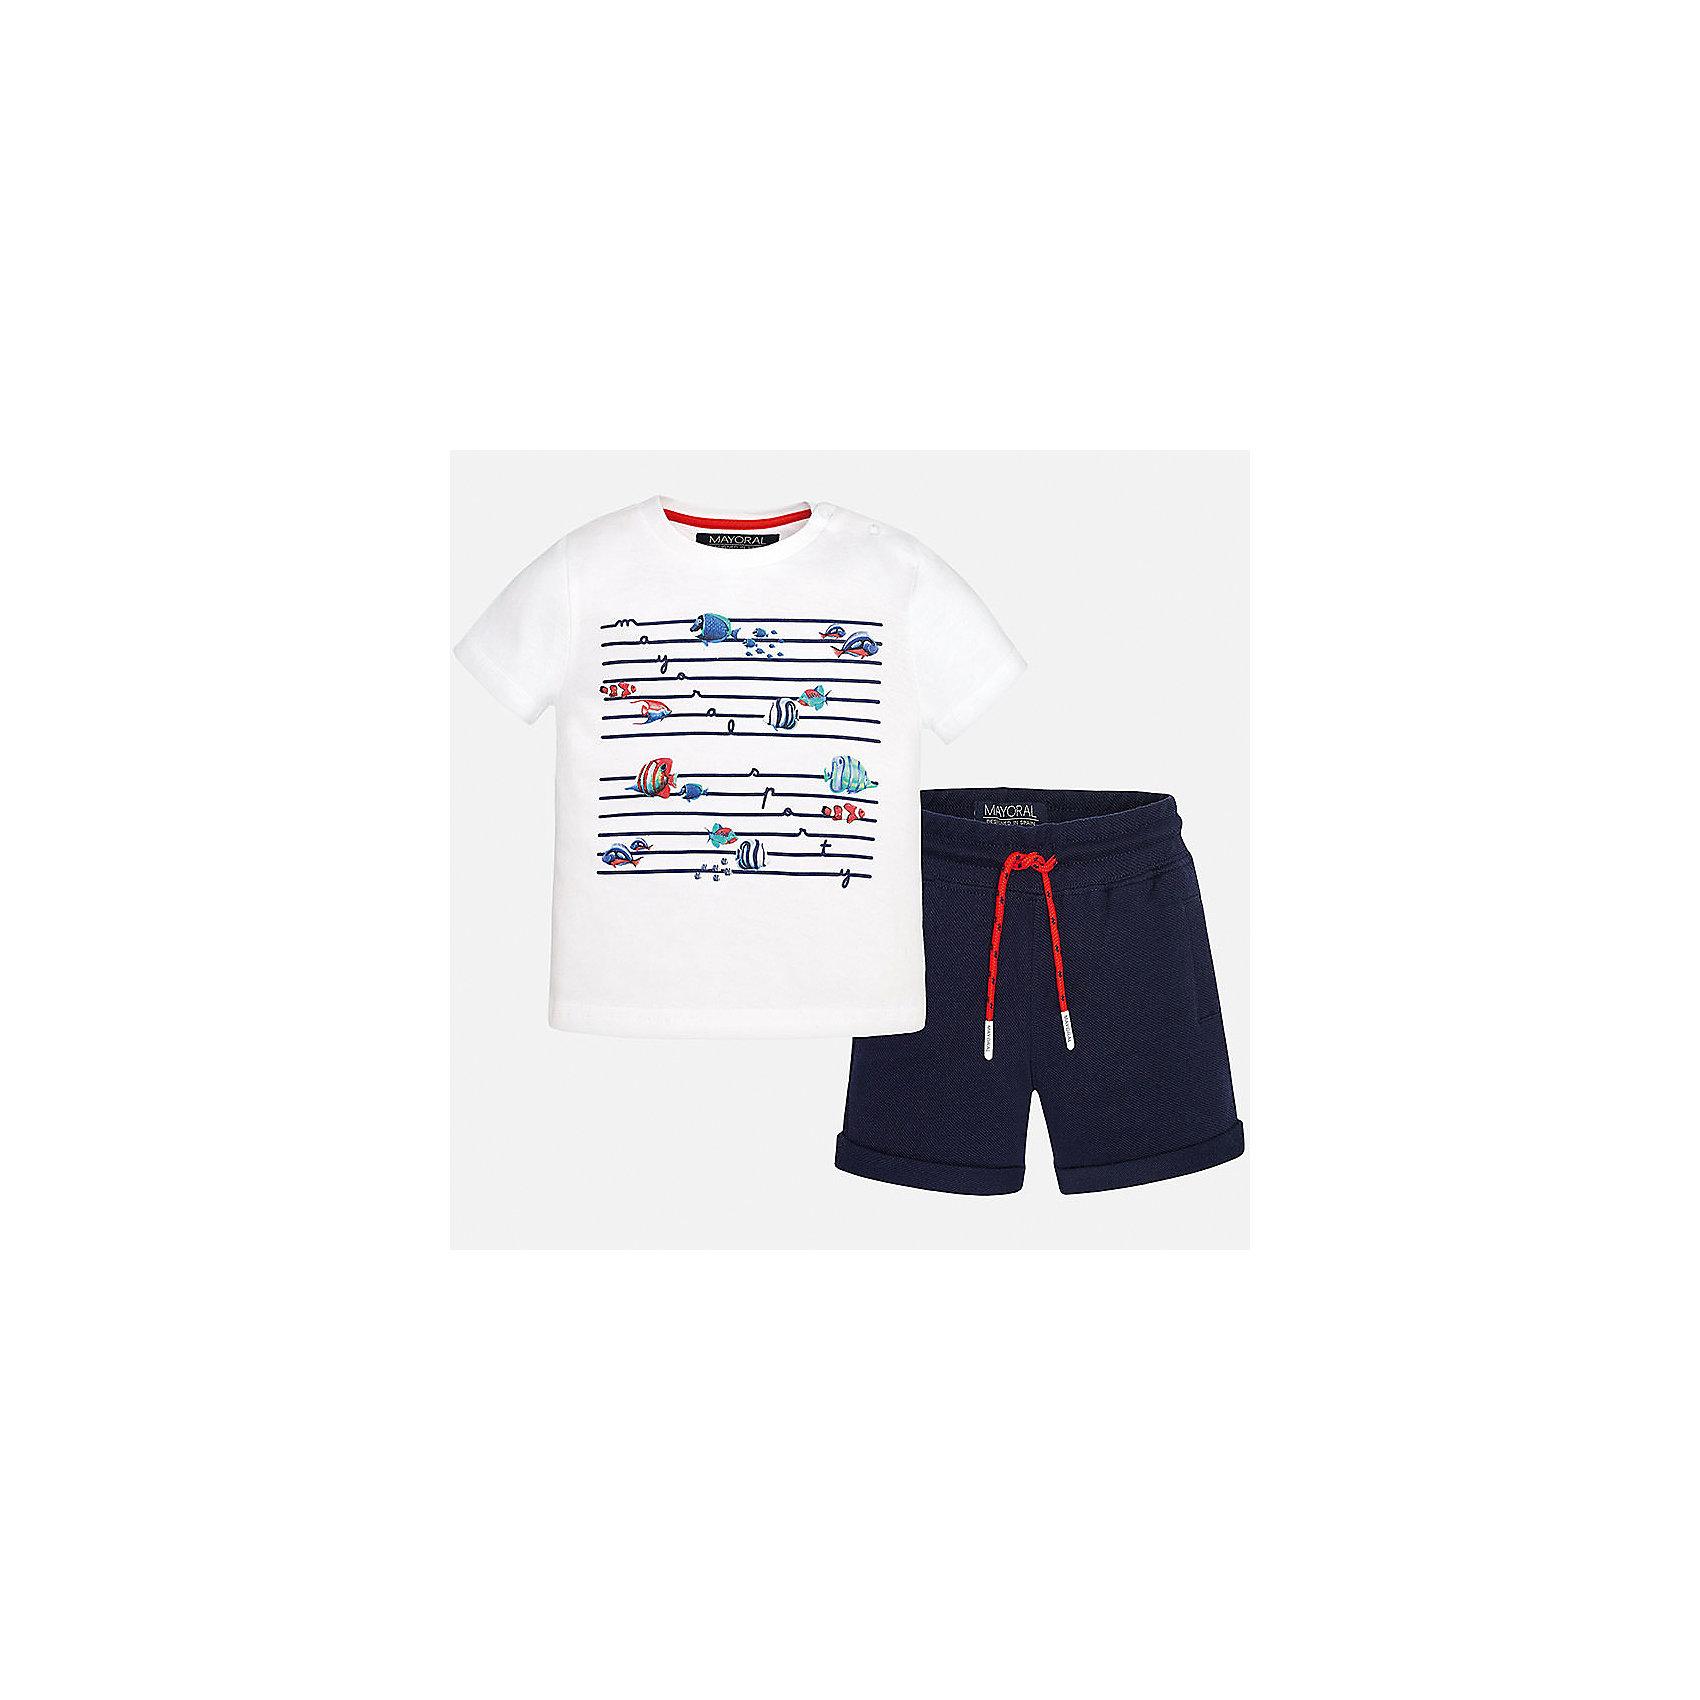 Комплект: футболка и шорты для мальчика MayoralКомплекты<br>Характеристики товара:<br><br>• цвет: белый/синий<br>• состав: футболка - 100% хлопок, шорты - 95% хлопок, 5% эластан<br>• комплектация: футболка, шорты<br>• футболка декорирована принтом<br>• короткие рукава<br>• шорты однотонные<br>• в поясе шнурок<br>• страна бренда: Испания<br><br>Красивый качественный комплект для мальчика поможет разнообразить гардероб ребенка и удобно одеться в теплую погоду. Он отлично сочетается с другими предметами. Универсальный цвет позволяет подобрать к вещам верхнюю одежду практически любой расцветки. Интересная отделка модели делает её нарядной и оригинальной. В составе материала - только натуральный хлопок, гипоаллергенный, приятный на ощупь, дышащий.<br><br>Одежда, обувь и аксессуары от испанского бренда Mayoral полюбились детям и взрослым по всему миру. Модели этой марки - стильные и удобные. Для их производства используются только безопасные, качественные материалы и фурнитура. Порадуйте ребенка модными и красивыми вещами от Mayoral! <br><br>Комплект для мальчика от испанского бренда Mayoral (Майорал) можно купить в нашем интернет-магазине.<br><br>Ширина мм: 215<br>Глубина мм: 88<br>Высота мм: 191<br>Вес г: 336<br>Цвет: синий<br>Возраст от месяцев: 12<br>Возраст до месяцев: 18<br>Пол: Мужской<br>Возраст: Детский<br>Размер: 86,80,92<br>SKU: 5279685